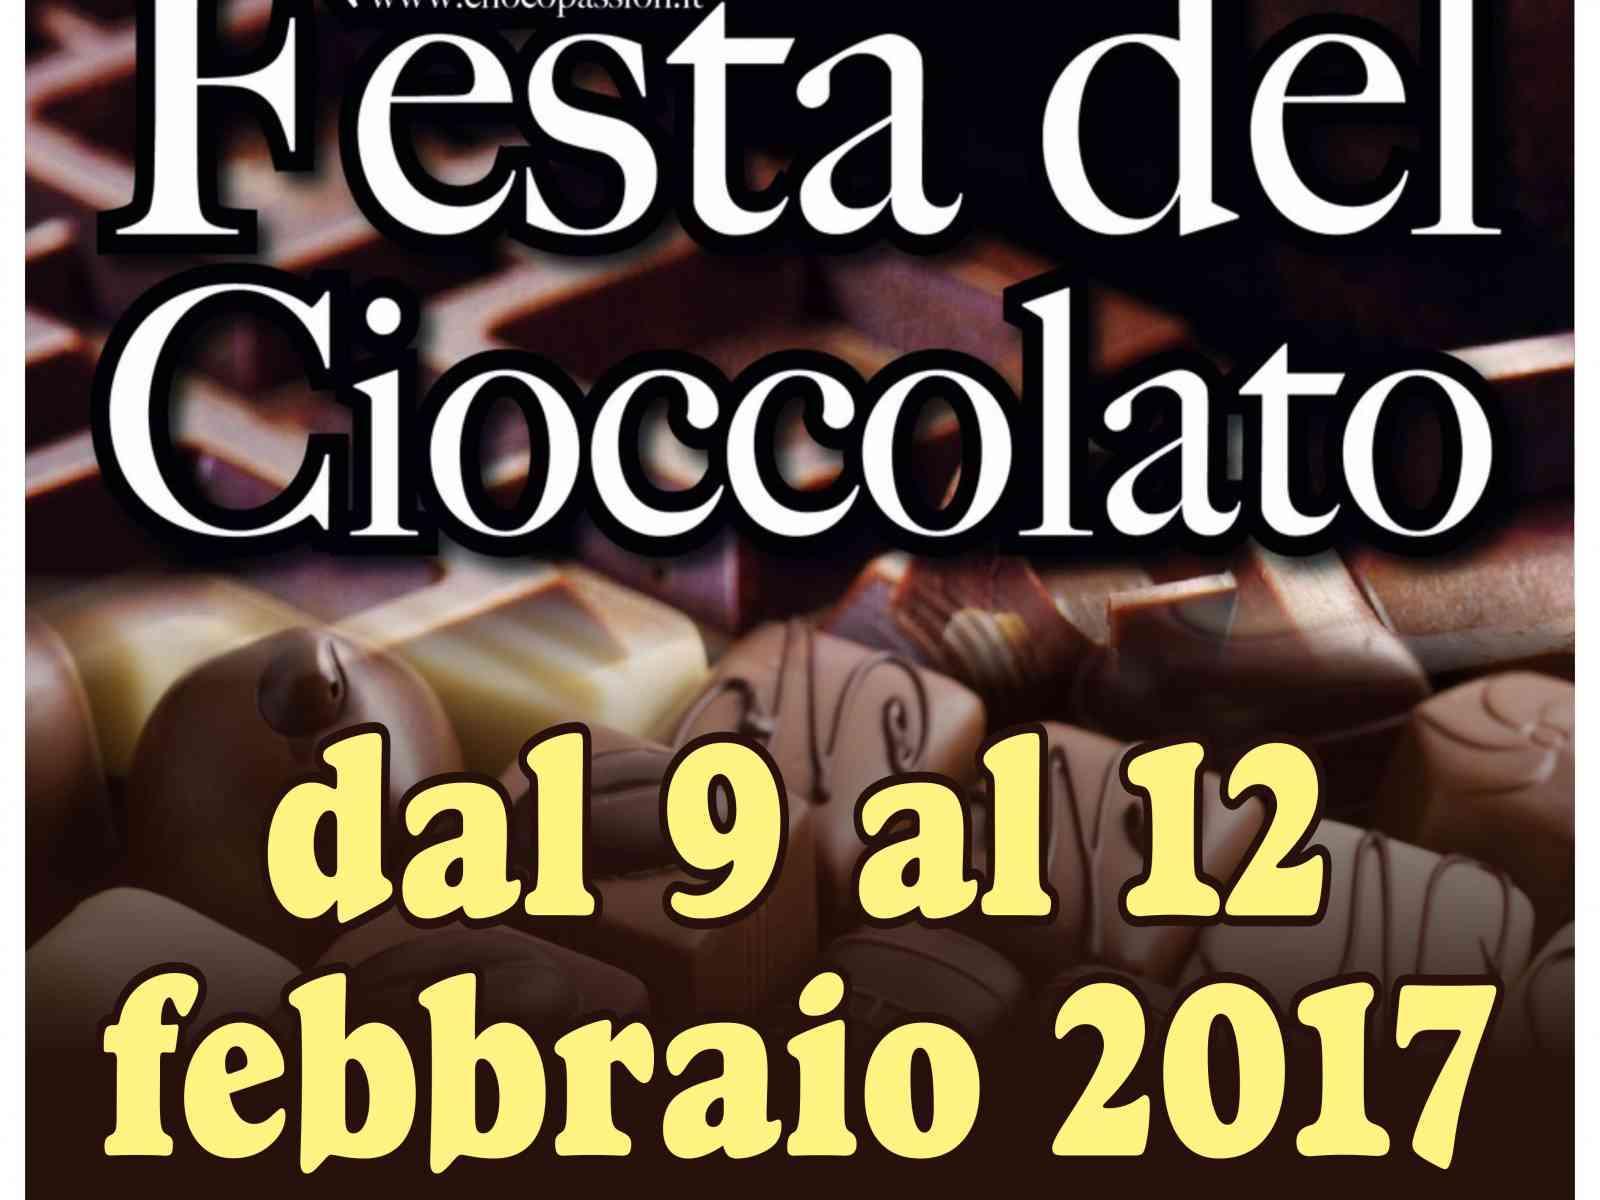 """Festa del cioccolato a Sciacca, fino a domenica giorni di """"saporite emozioni"""""""